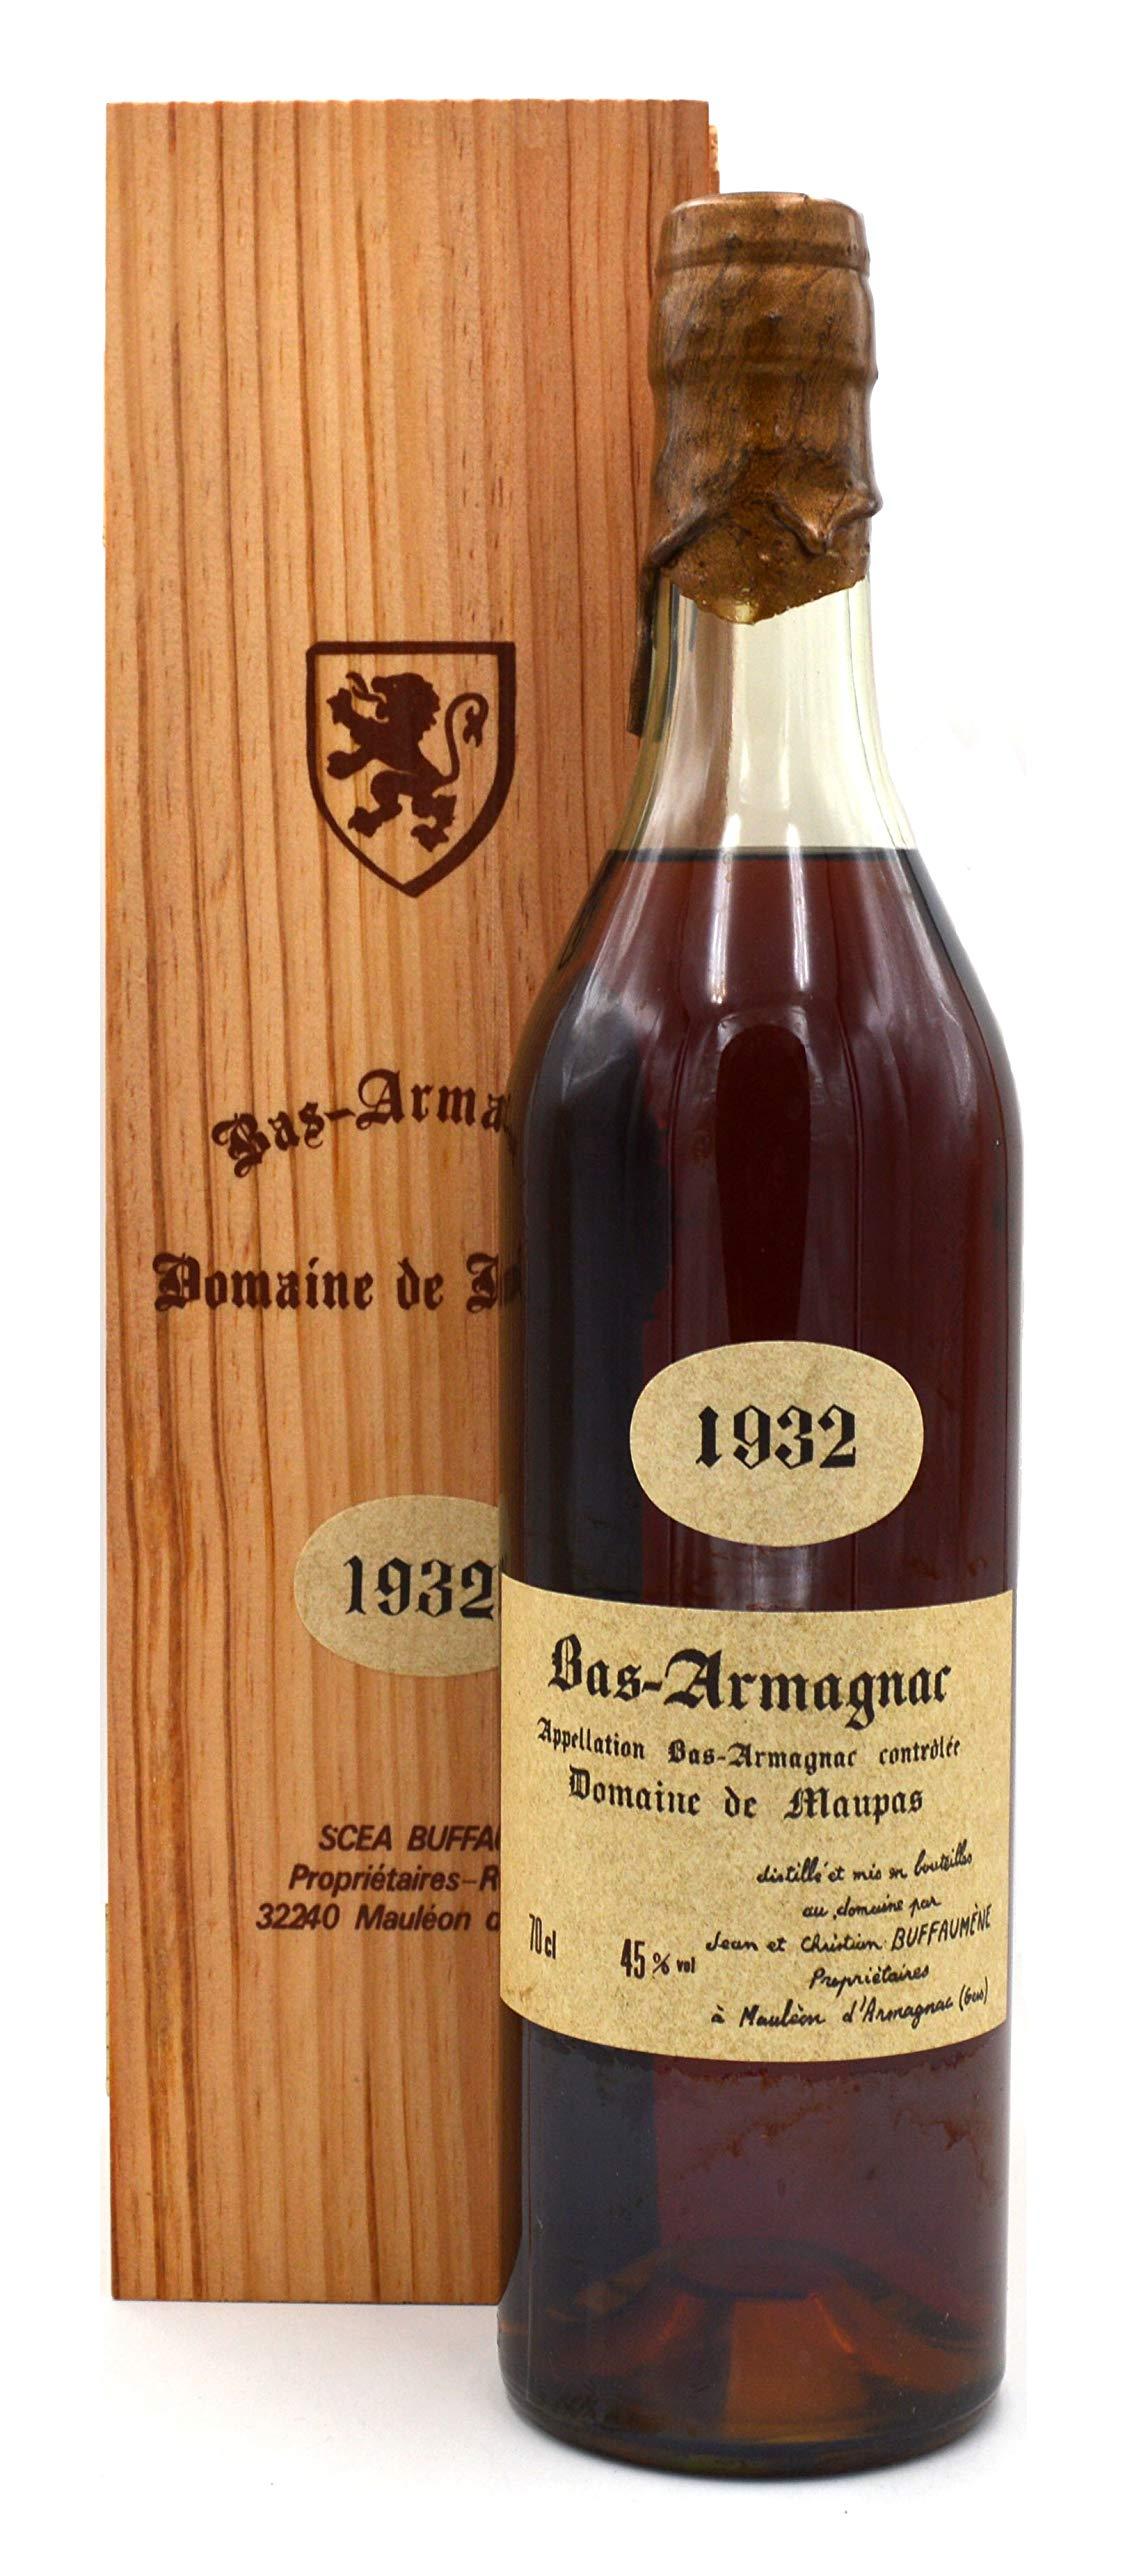 Raritt-Bas-Armagnac-Domaine-de-Maupas-1932-07l-inkl-Holzkiste